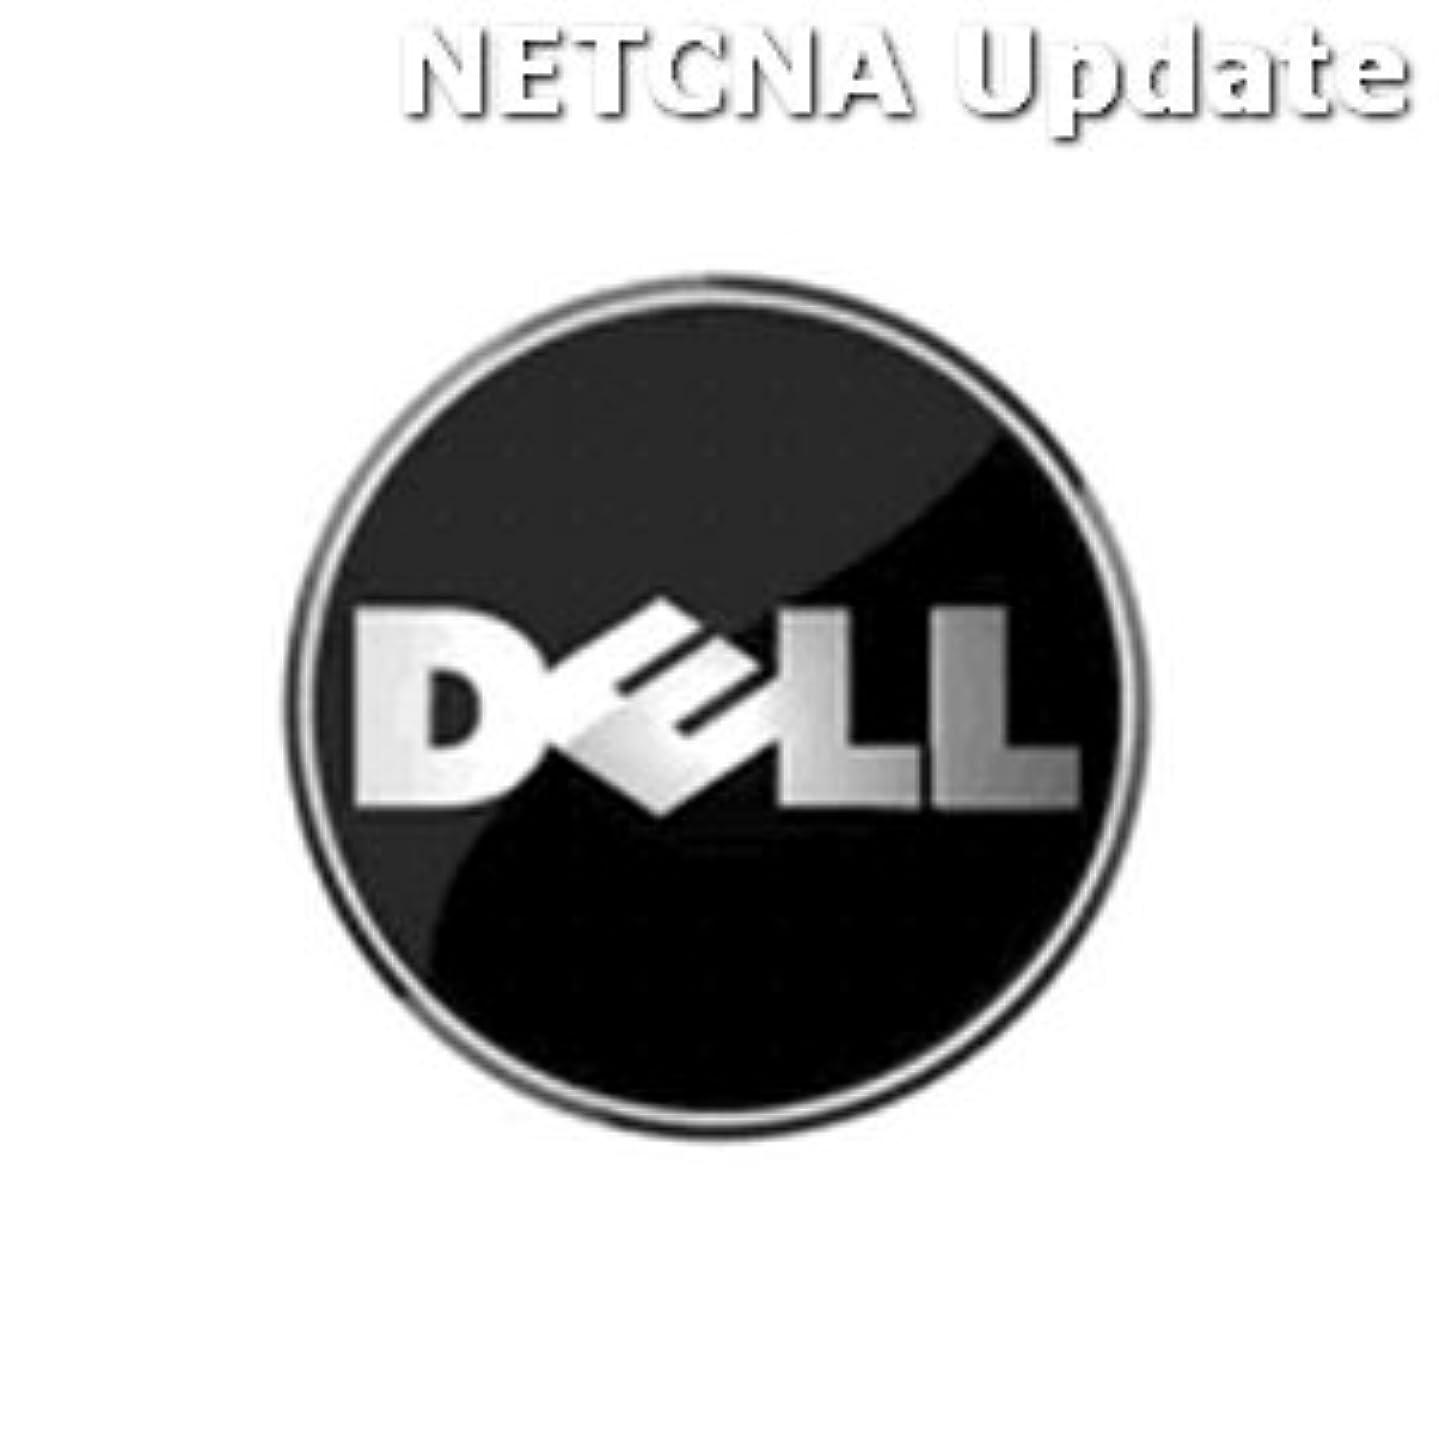 パンツ欠陥後世ty129デルヒートシンクのPE r710互換製品by NETCNA